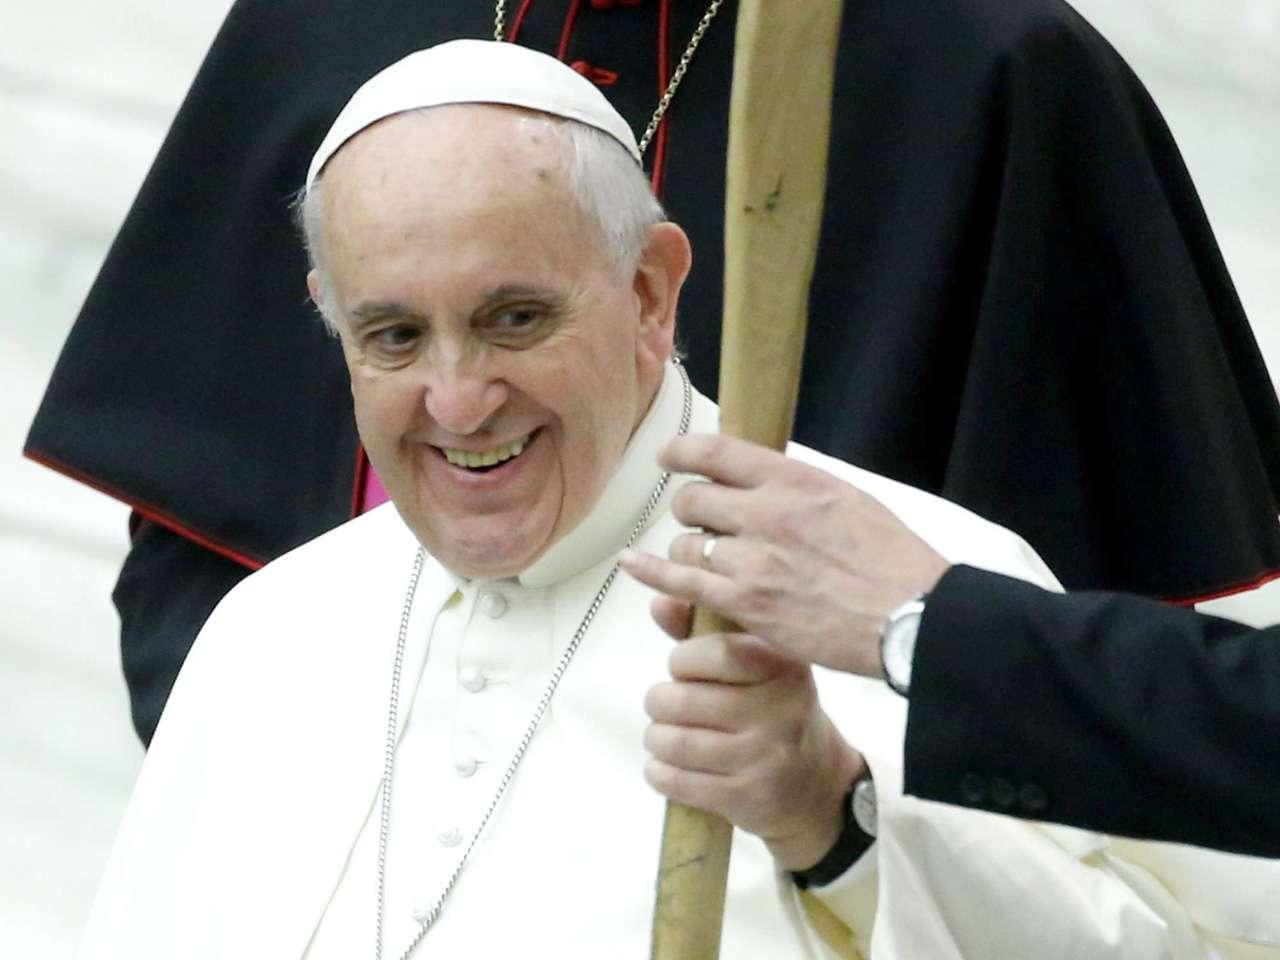 Tras su discurso, el obispo de Roma llevará personalmente al Niño Jesús desde el trono delante del altar en el que estará expuesto durante la Misa hasta la cuna en el Nacimiento instalado en la basílica vaticana Foto: EFE en español